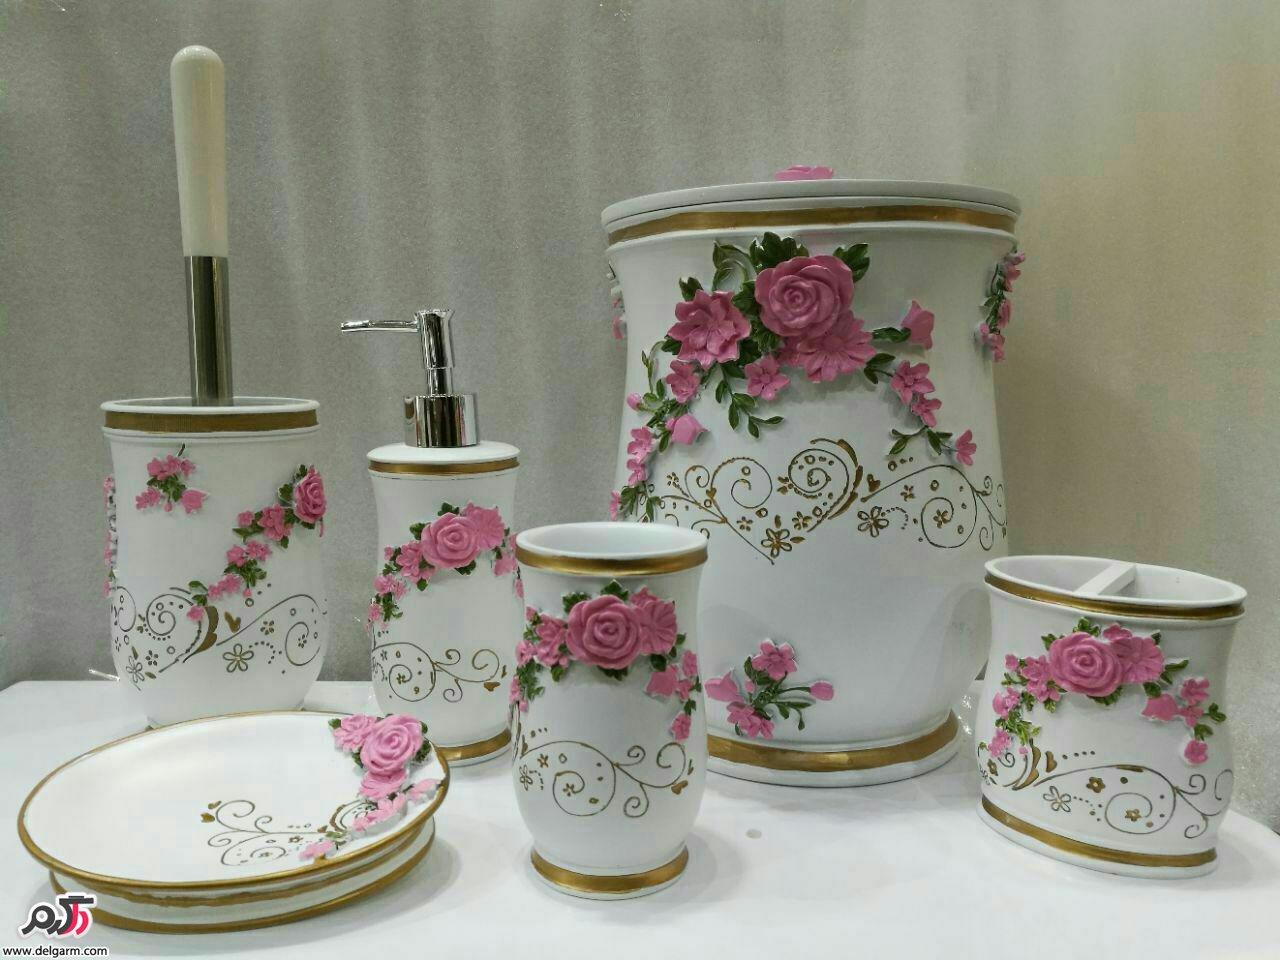 سرویس بهداشتی مناسب برای دستشویی